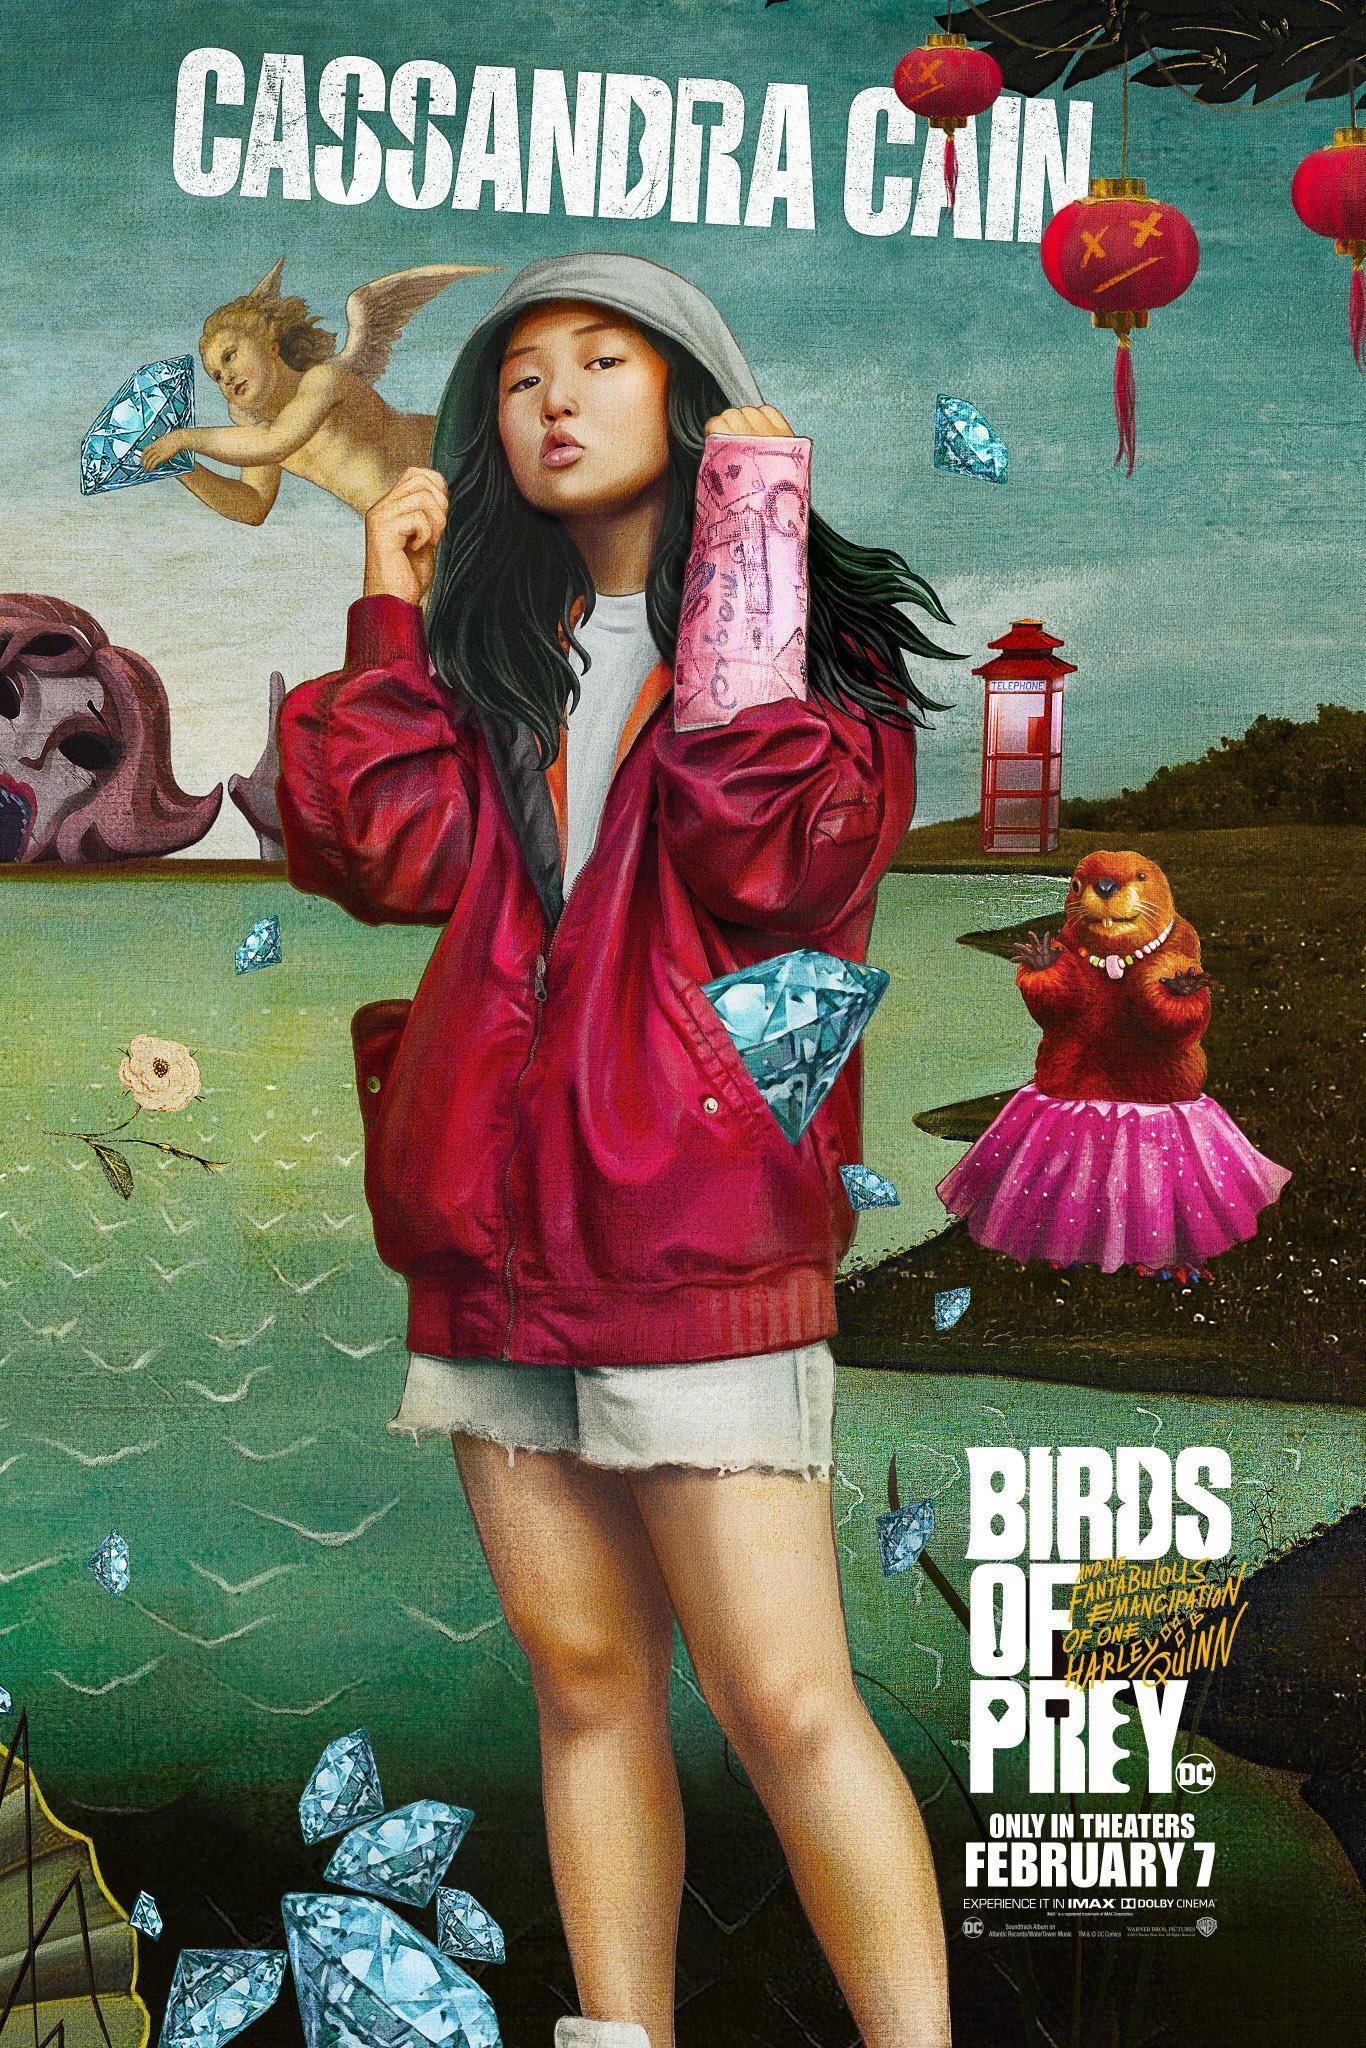 birds_of_prey_p12.png